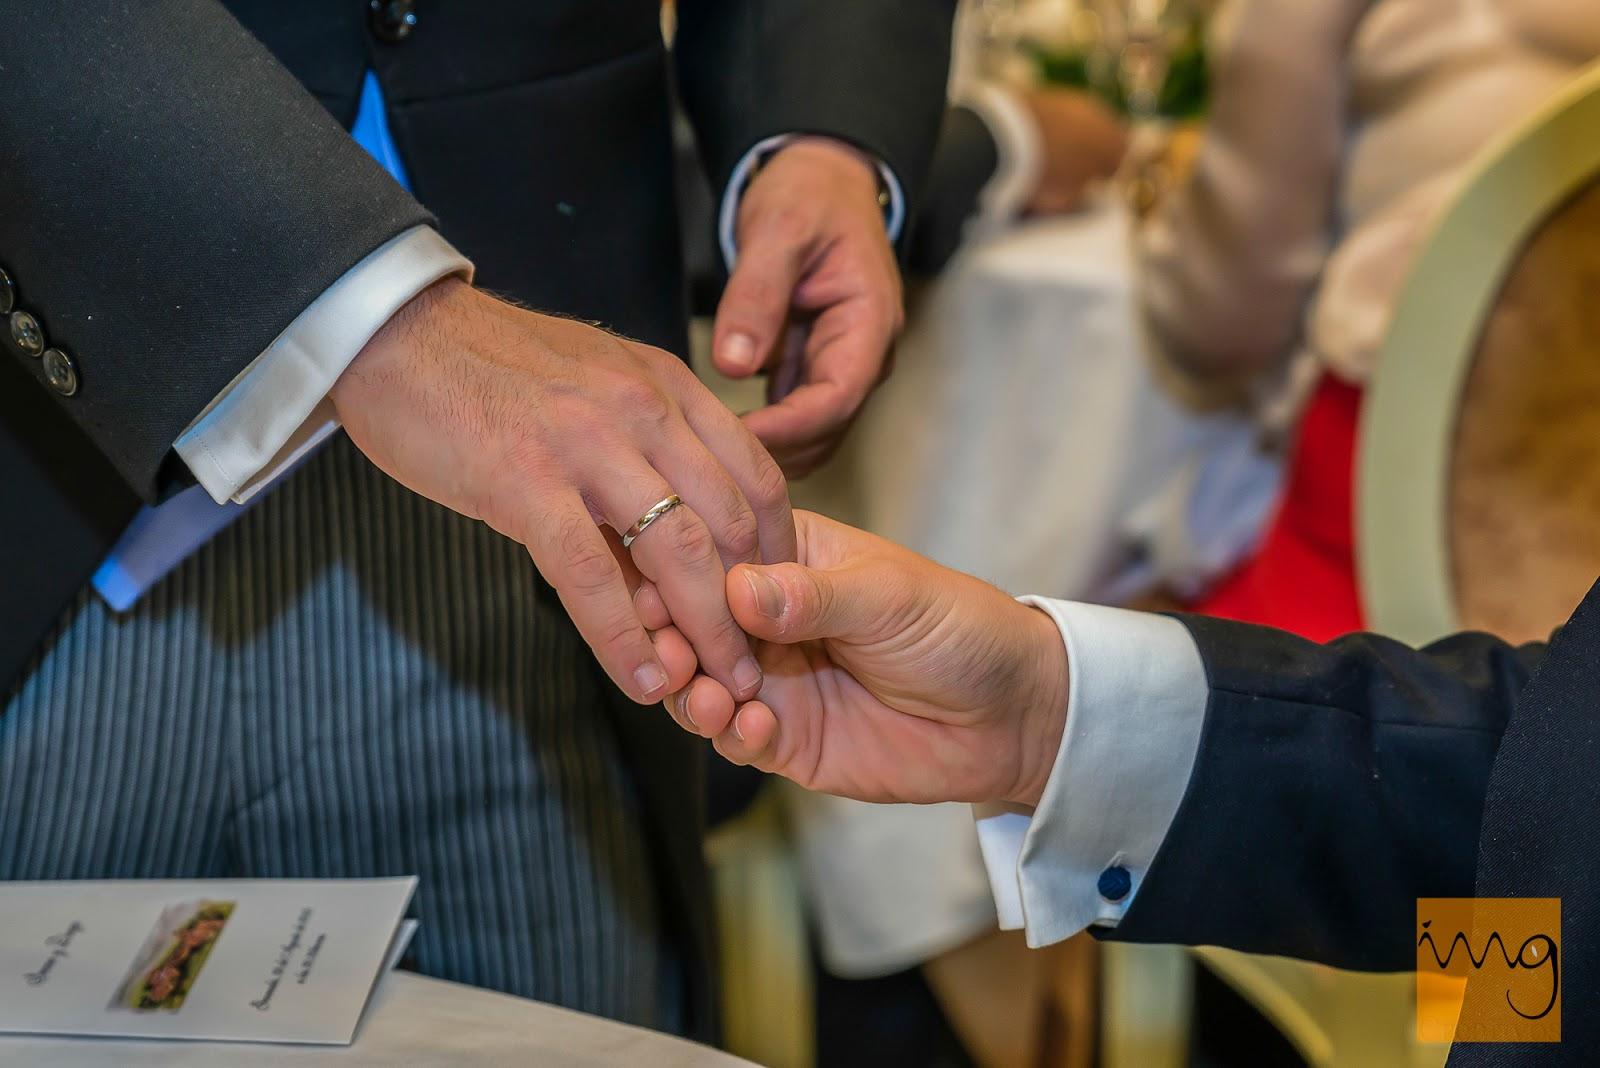 Fotografía de boda, presumiendo de alianza